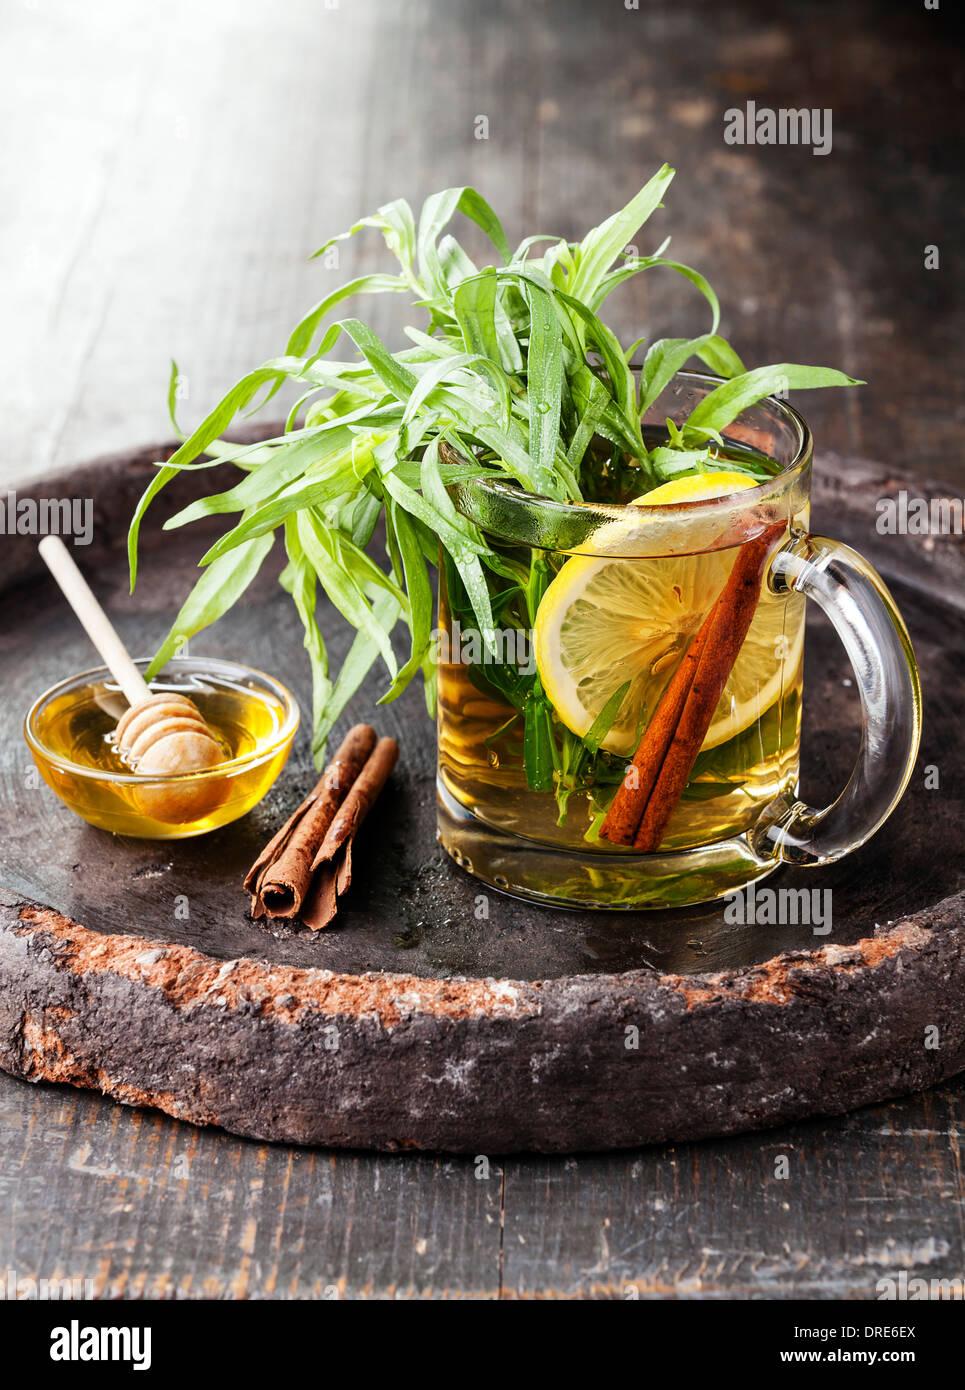 Estragón beber té caliente con miel, limón y canela sobre fondo oscuro Imagen De Stock